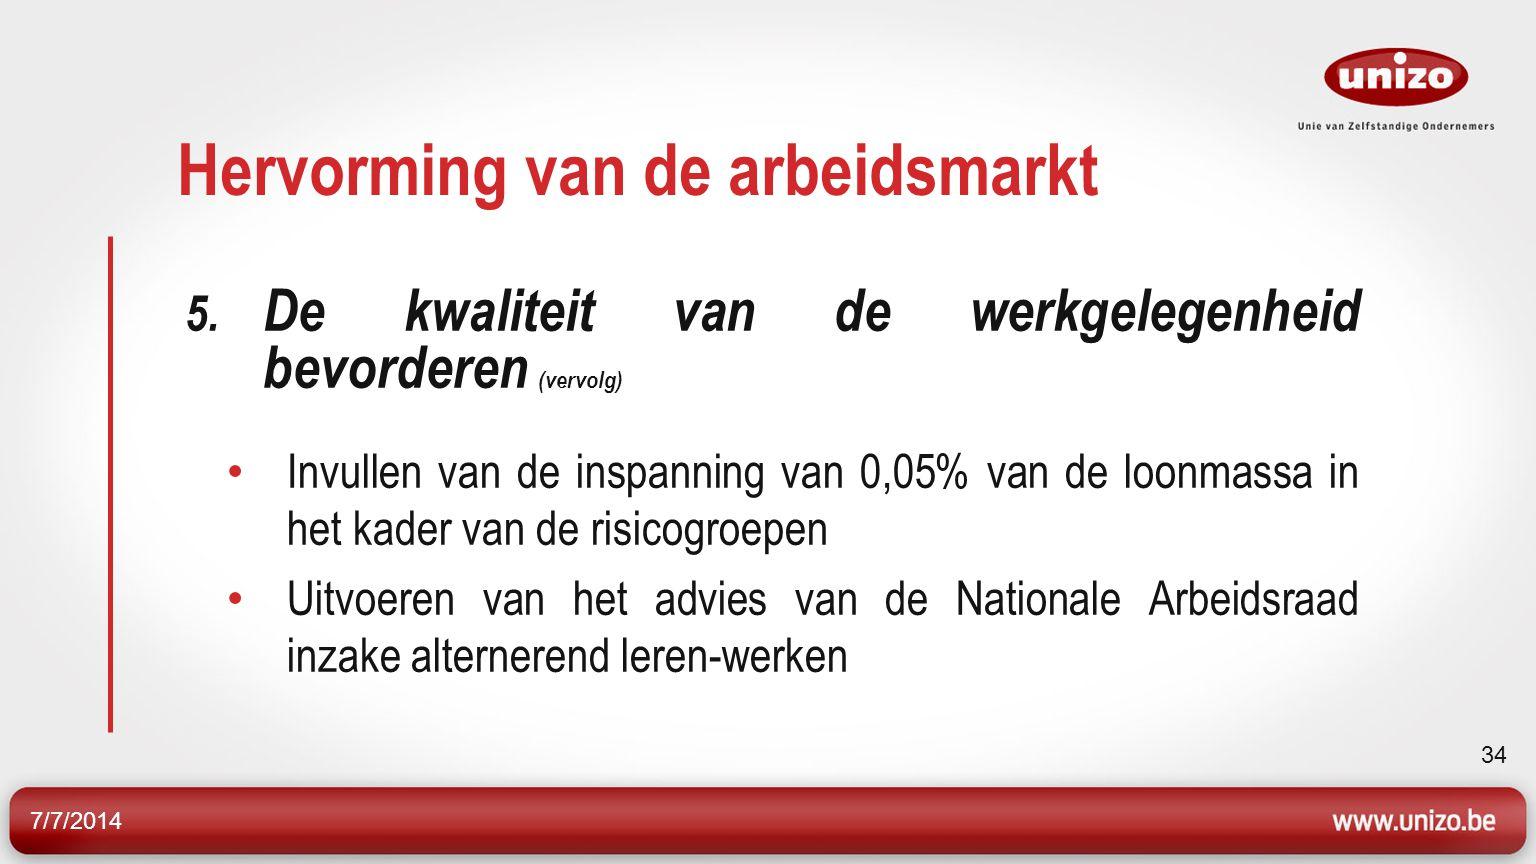 7/7/2014 34 Hervorming van de arbeidsmarkt 5.